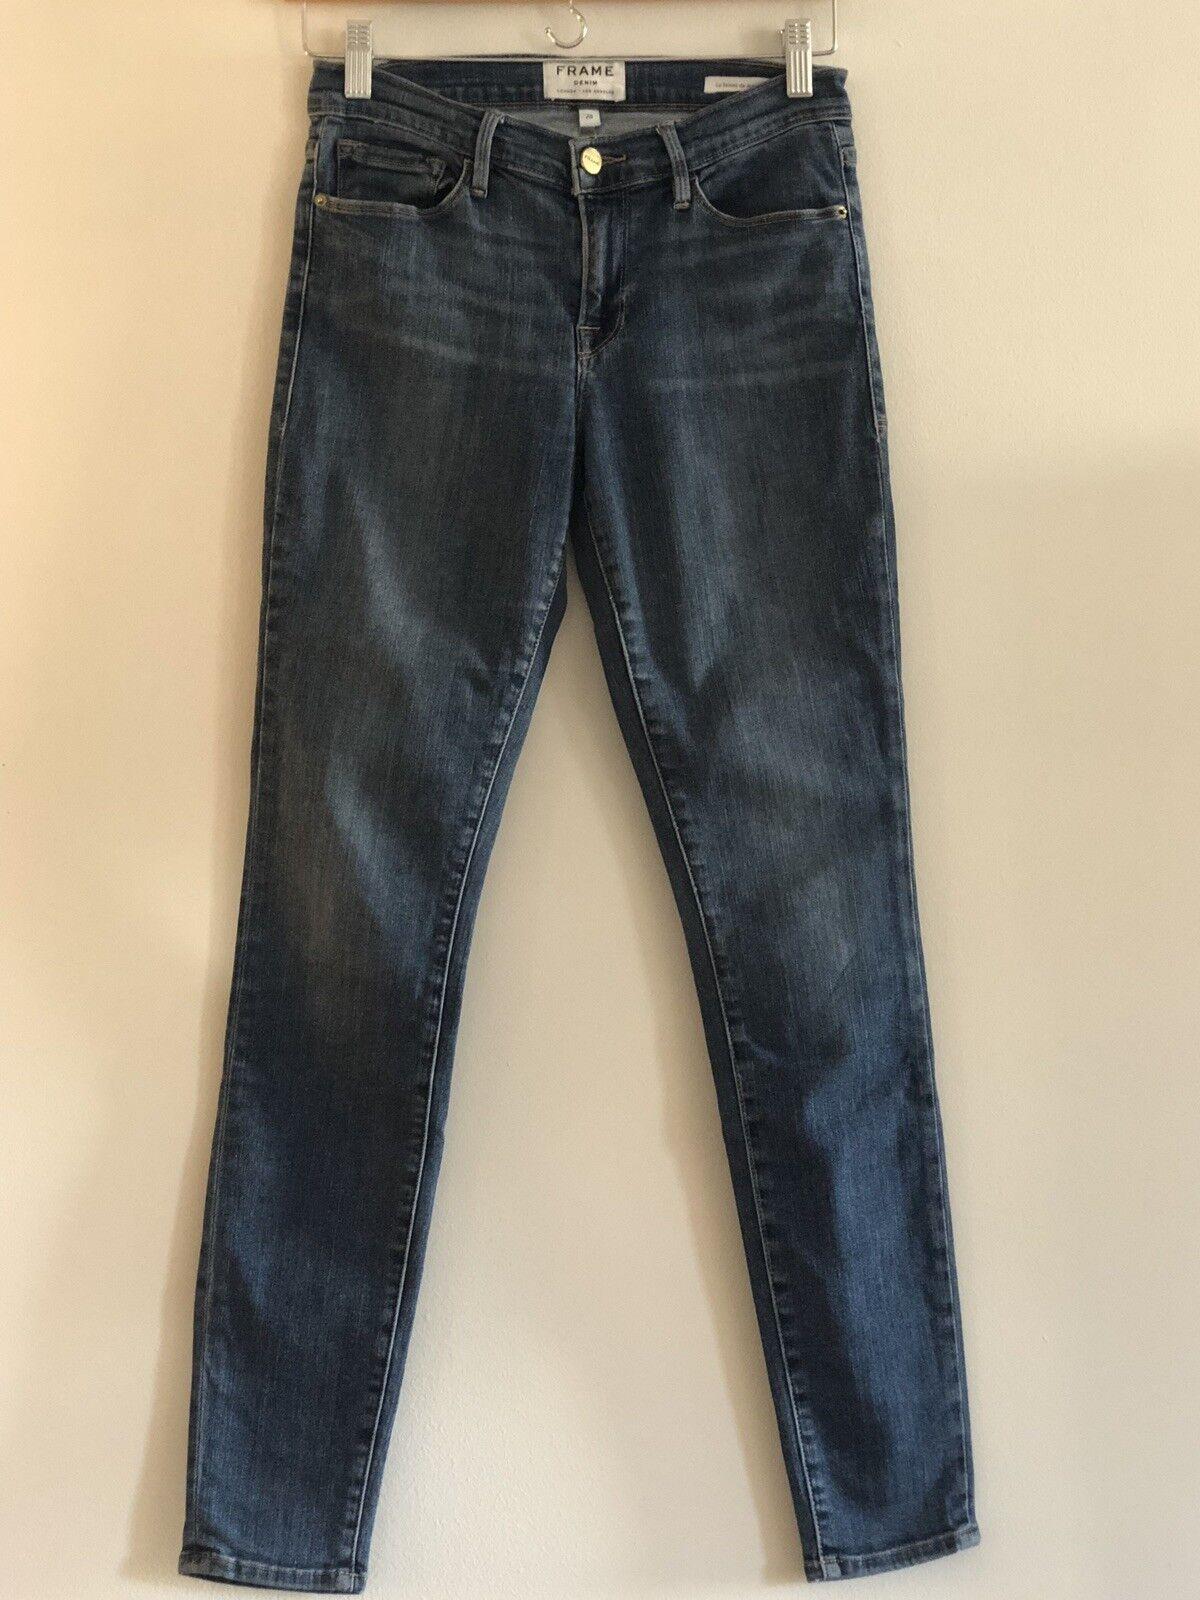 Frame bluee Denim Skinny De Jeanne Jeans - Size 28